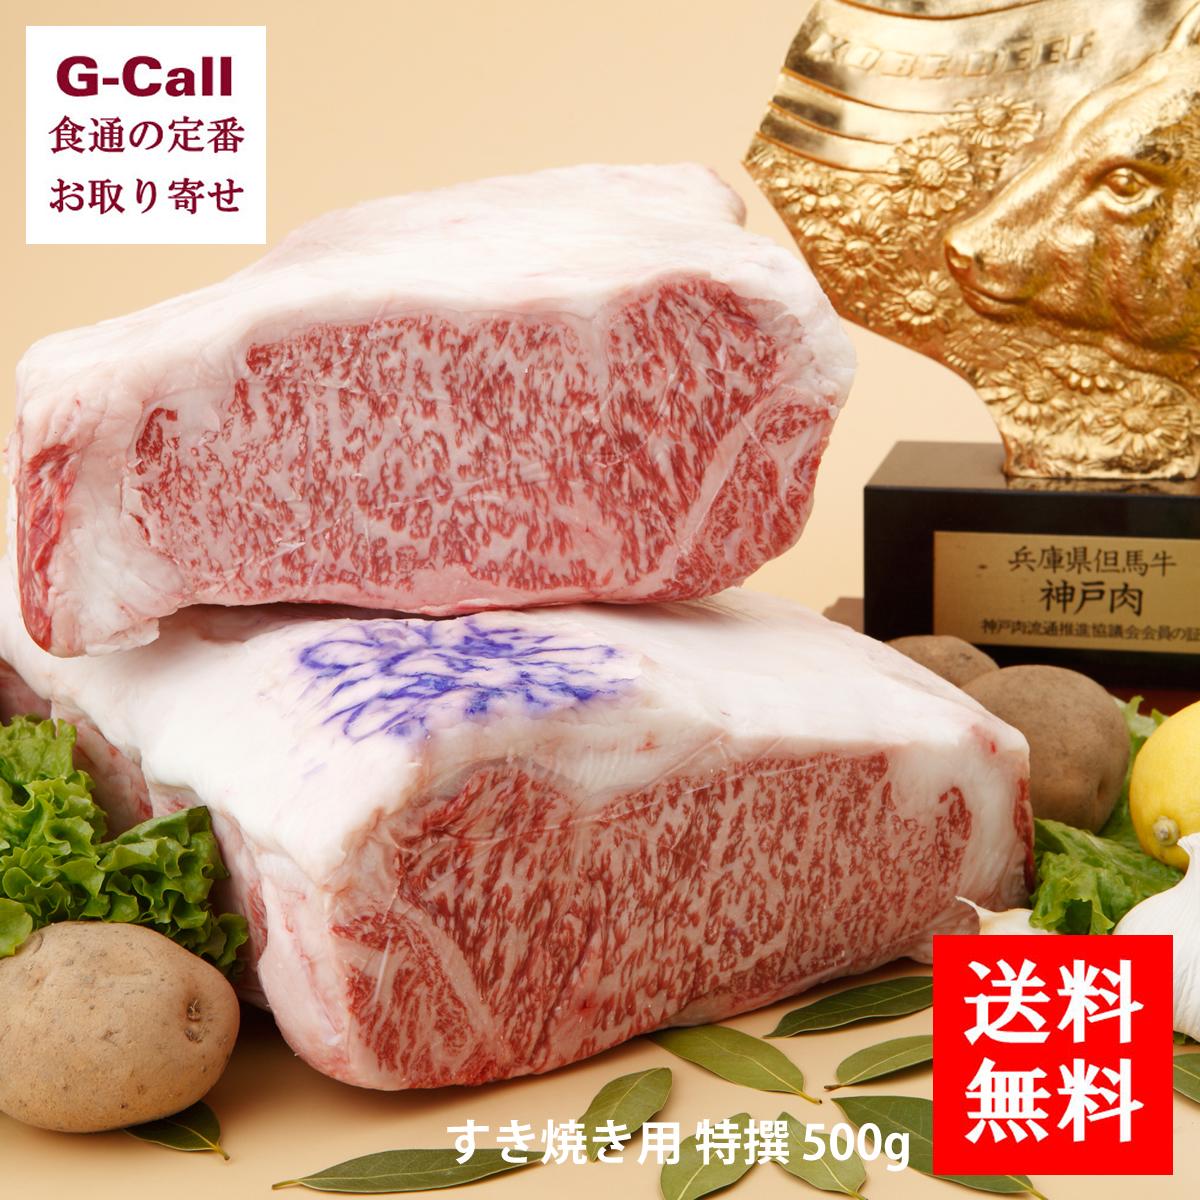 送料無料 ≪神戸牛≫ 神戸元町辰屋 神戸ビーフすき焼き用 特撰500g